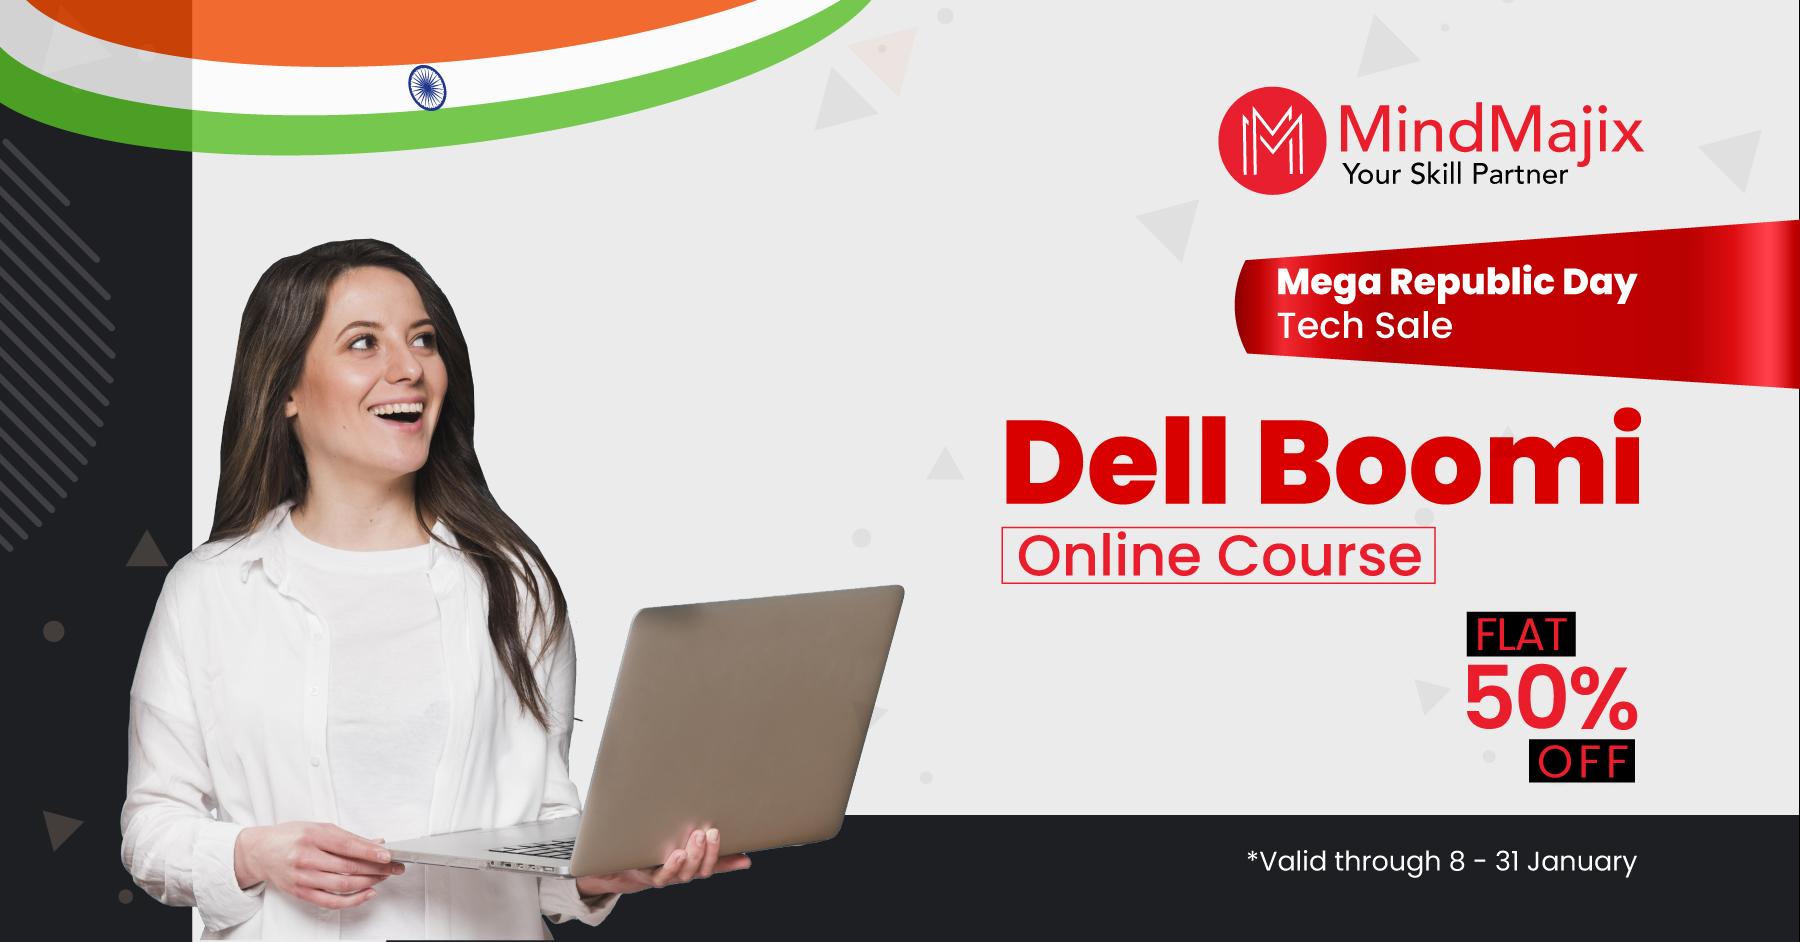 Dell Boomi Mega Republic Day Tech Sale Offer